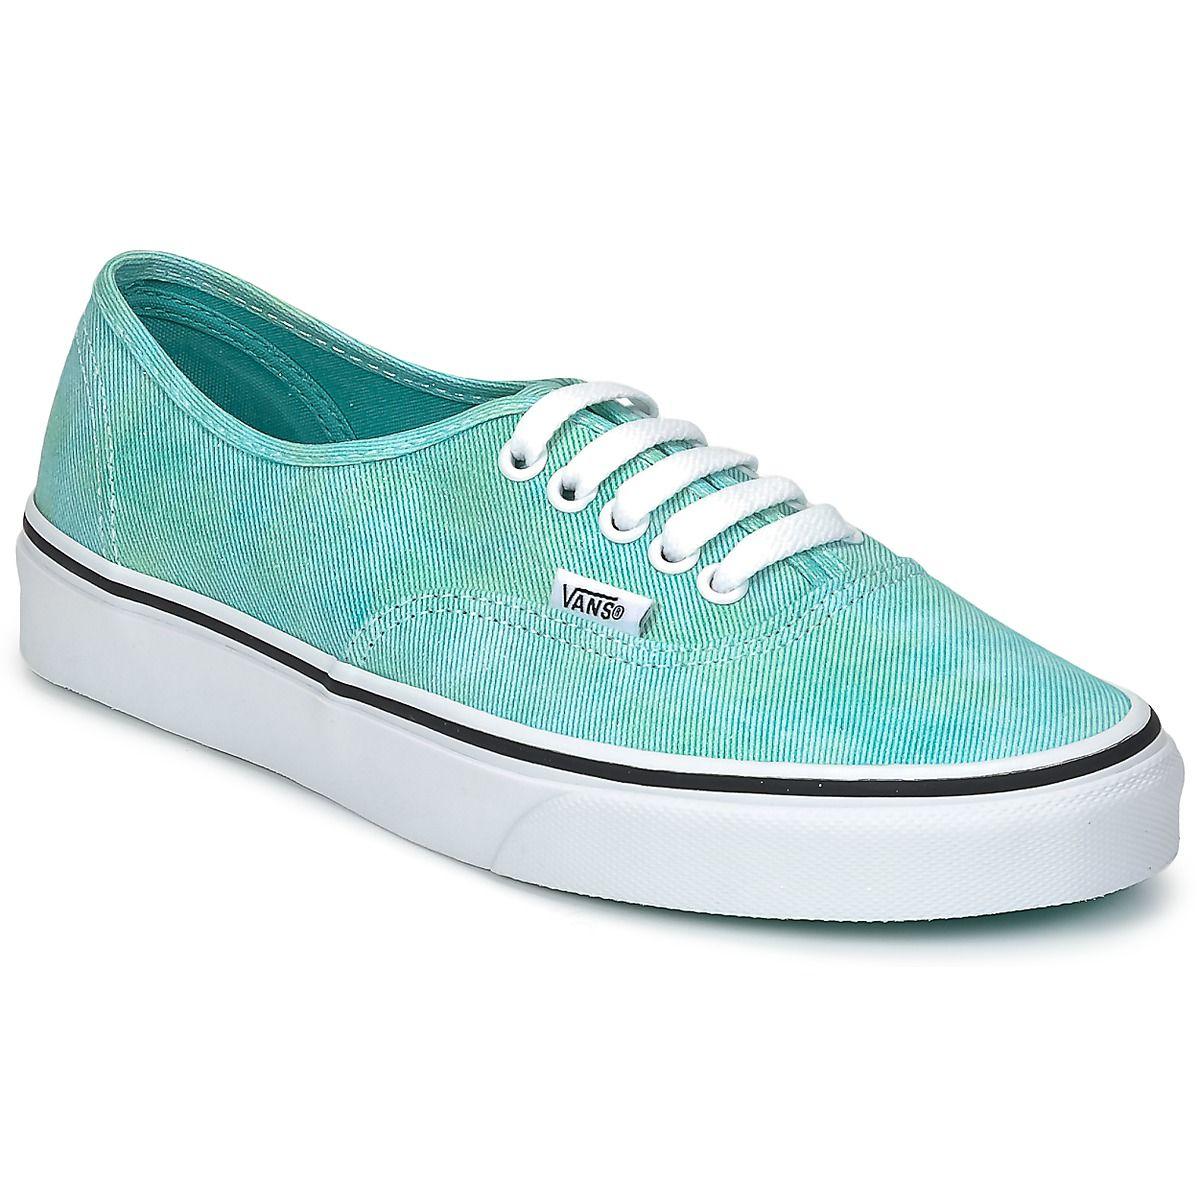 acheter des chaussures vans en ligne